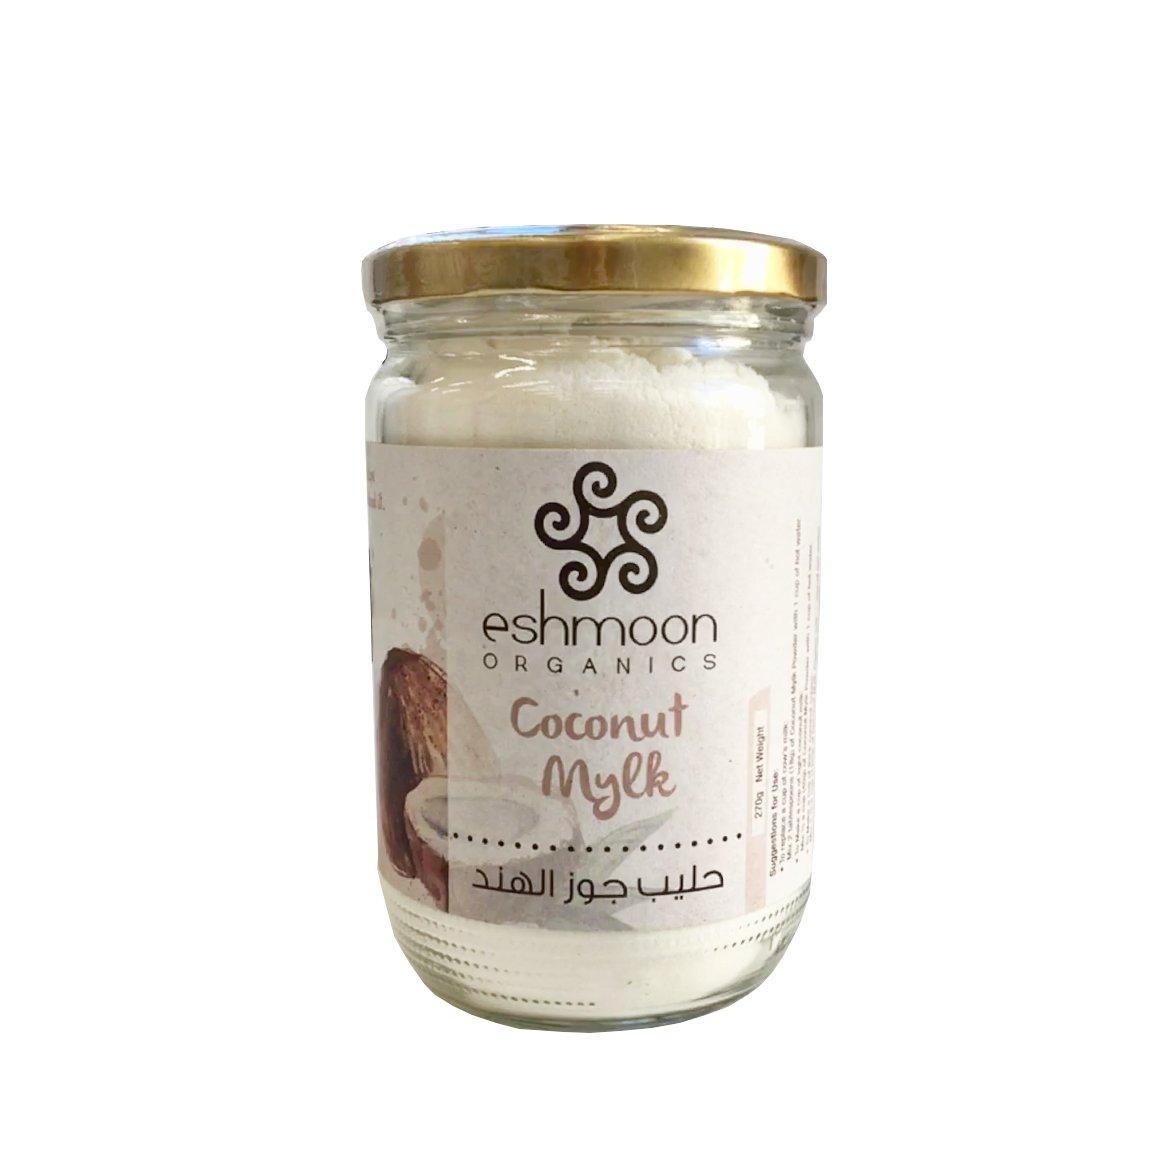 Eshmoon Coconut Milk 270g